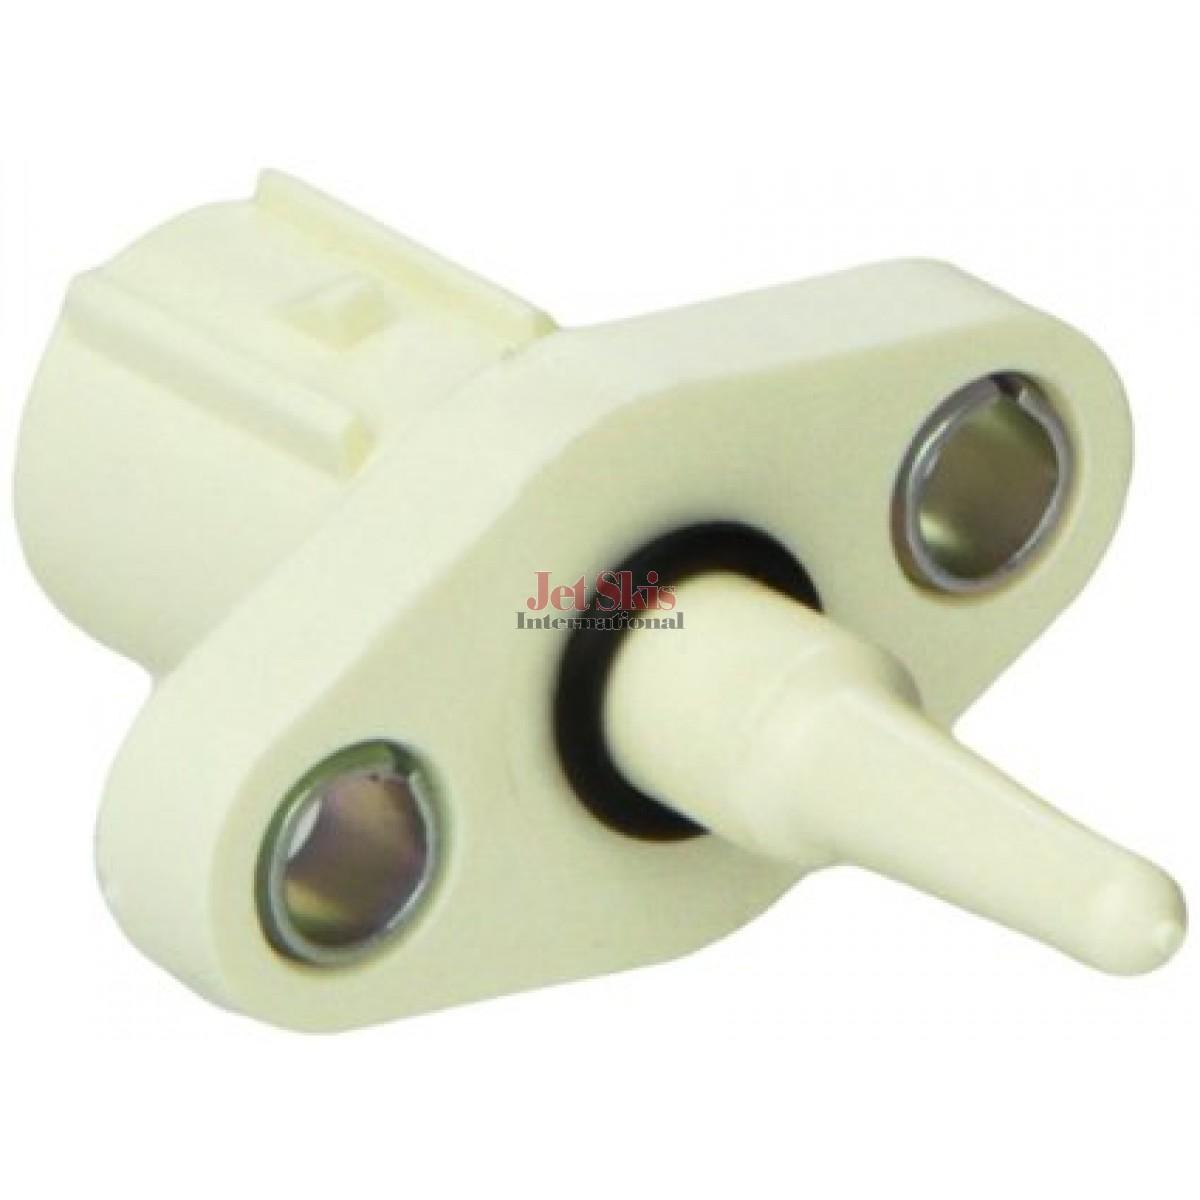 honda aquatrax part  p  iat sensor air temperature sensor assembly jet skis